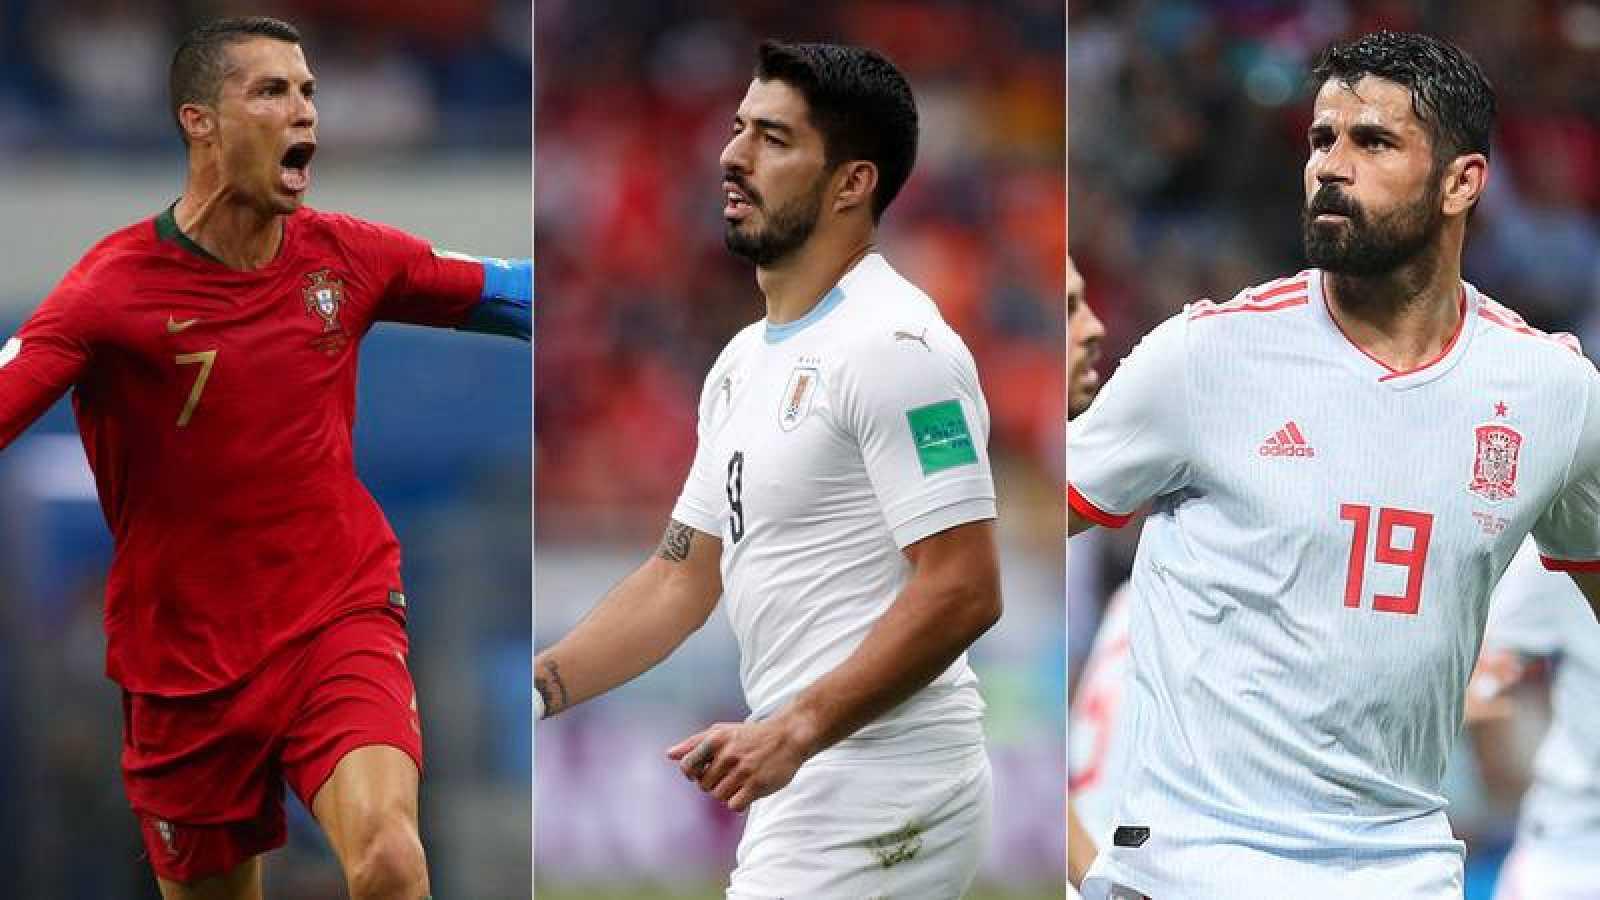 La segunda jornada del grupo de España y el Uruguay-Arabia del Mundial, en vivo este miércoles en RTVE.es